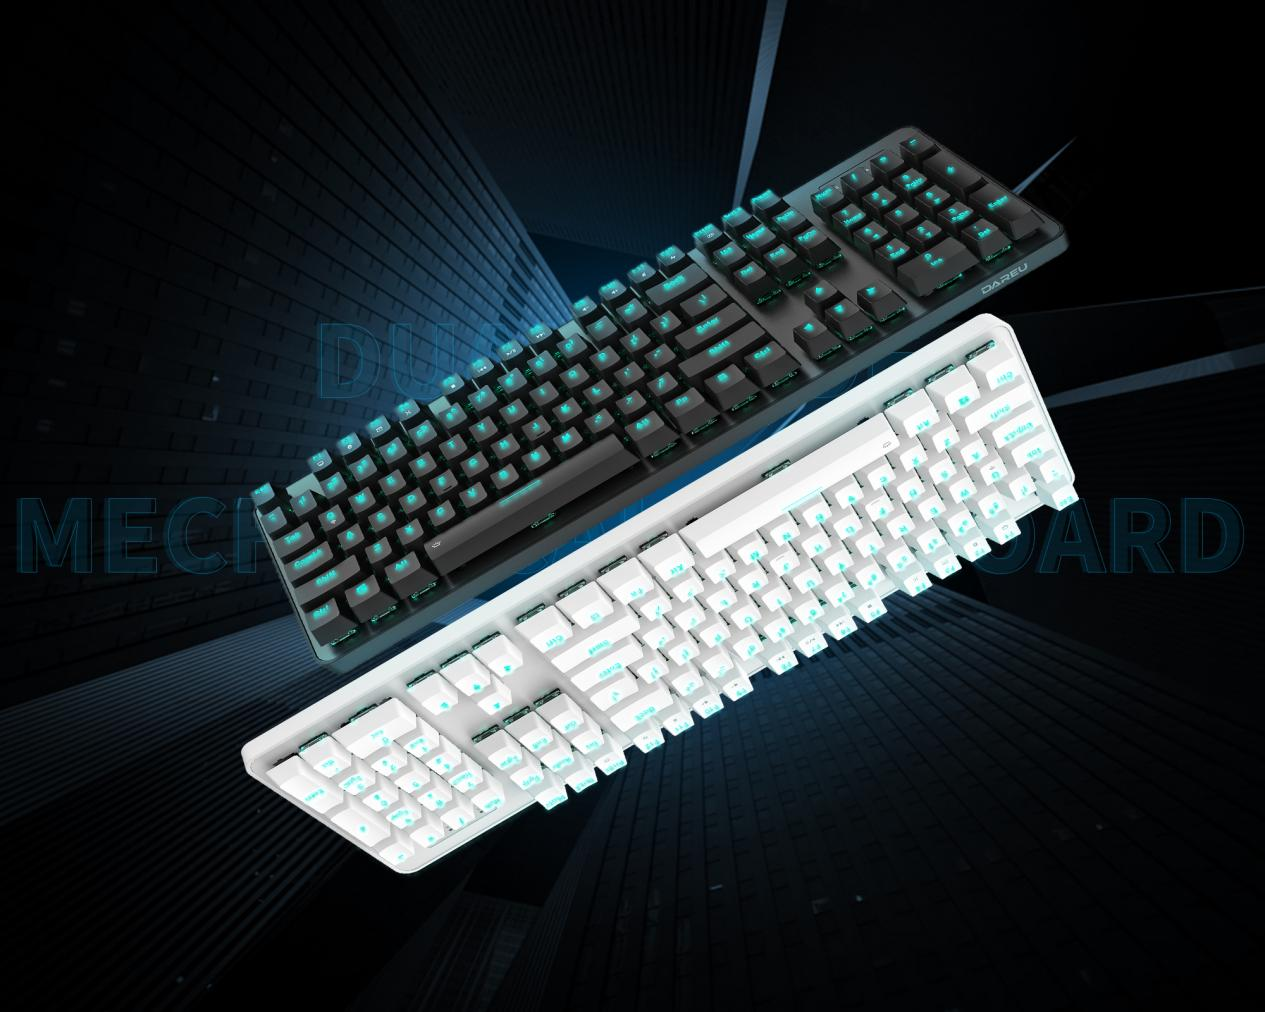 達爾優EK810有線+2.4G雙模機械鍵盤滿載登錄